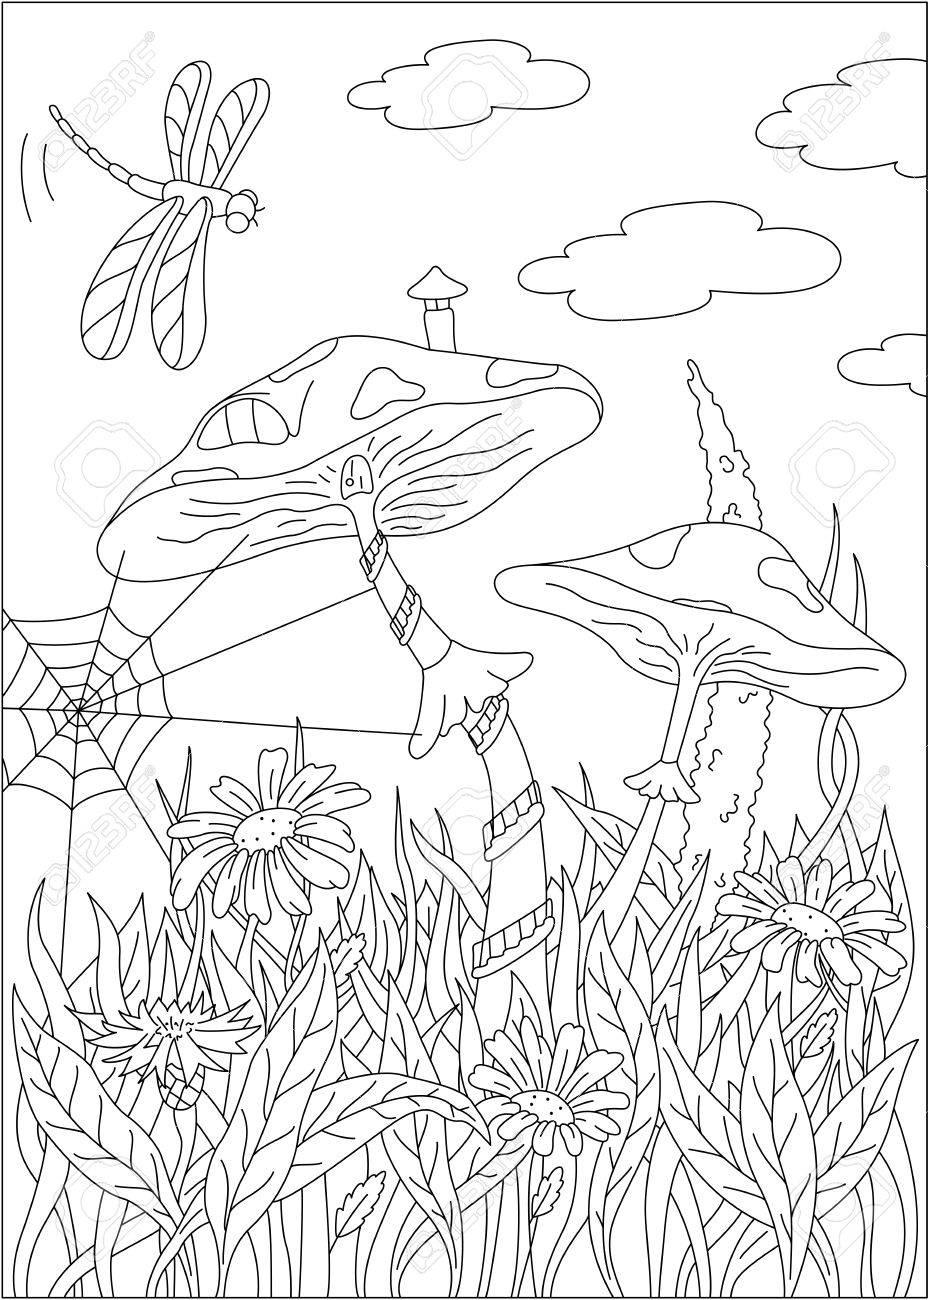 Coloriage Maison Dans La Foret.Cartoon Maison De Champignons Sur La Foret De L Herbe Une Libellule Dans Le Ciel Livre De Coloriage